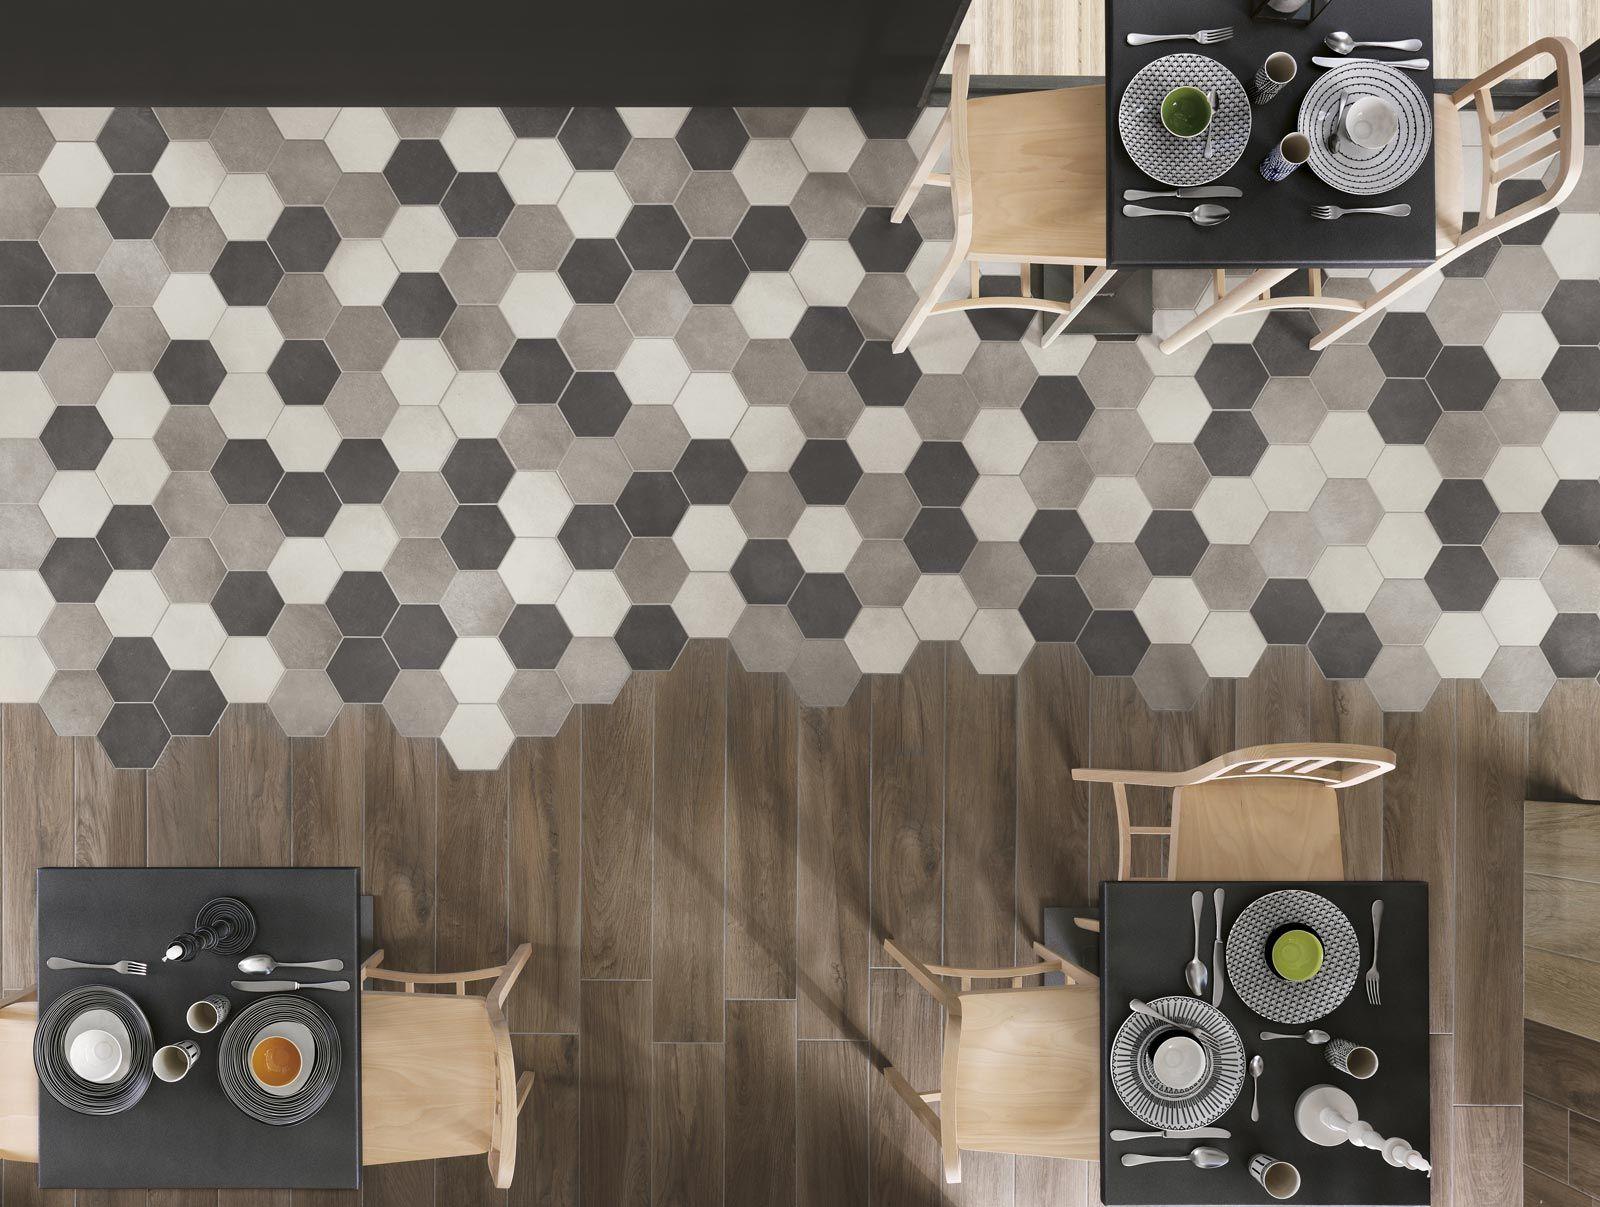 rewind - porcelain stoneware mosaic tile effect | ragno | hexagon